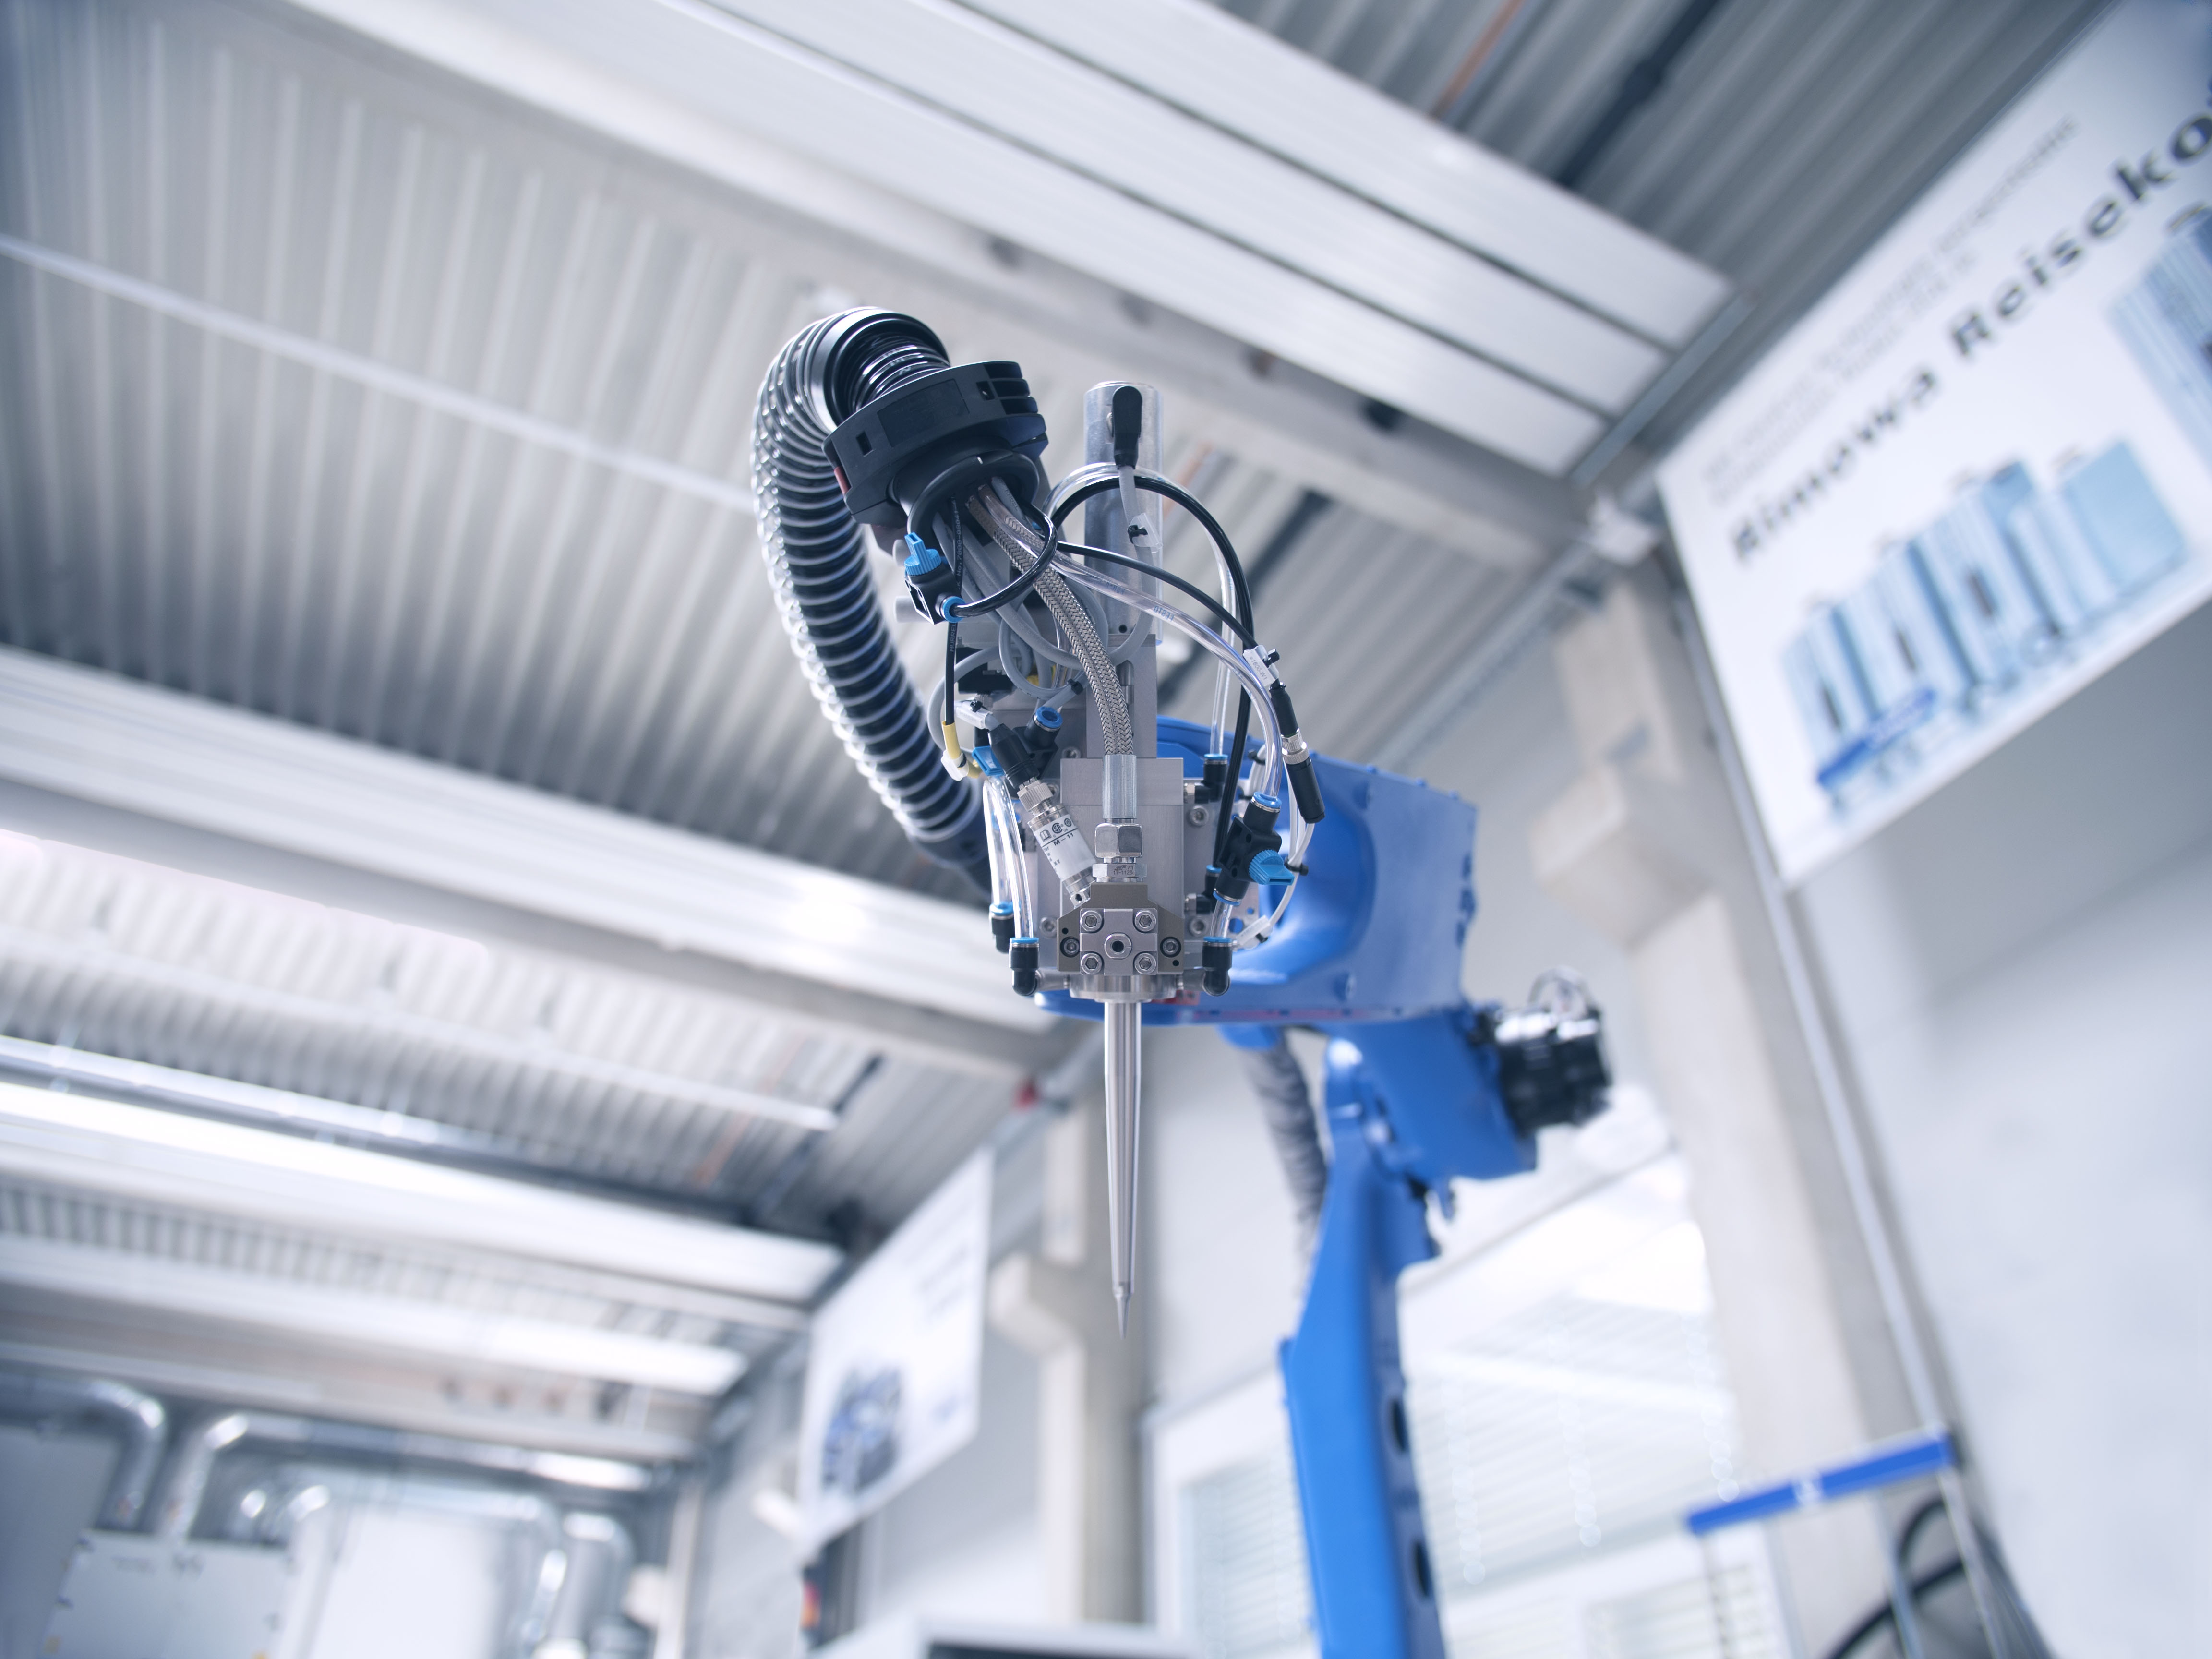 Das Dosierventil der einkomponentigen Schaumdichtungstechnik von CeraCon ist so schlank, dass es von einem einfachen 6-Achs-Industrieroboter gehandelt werden kann.